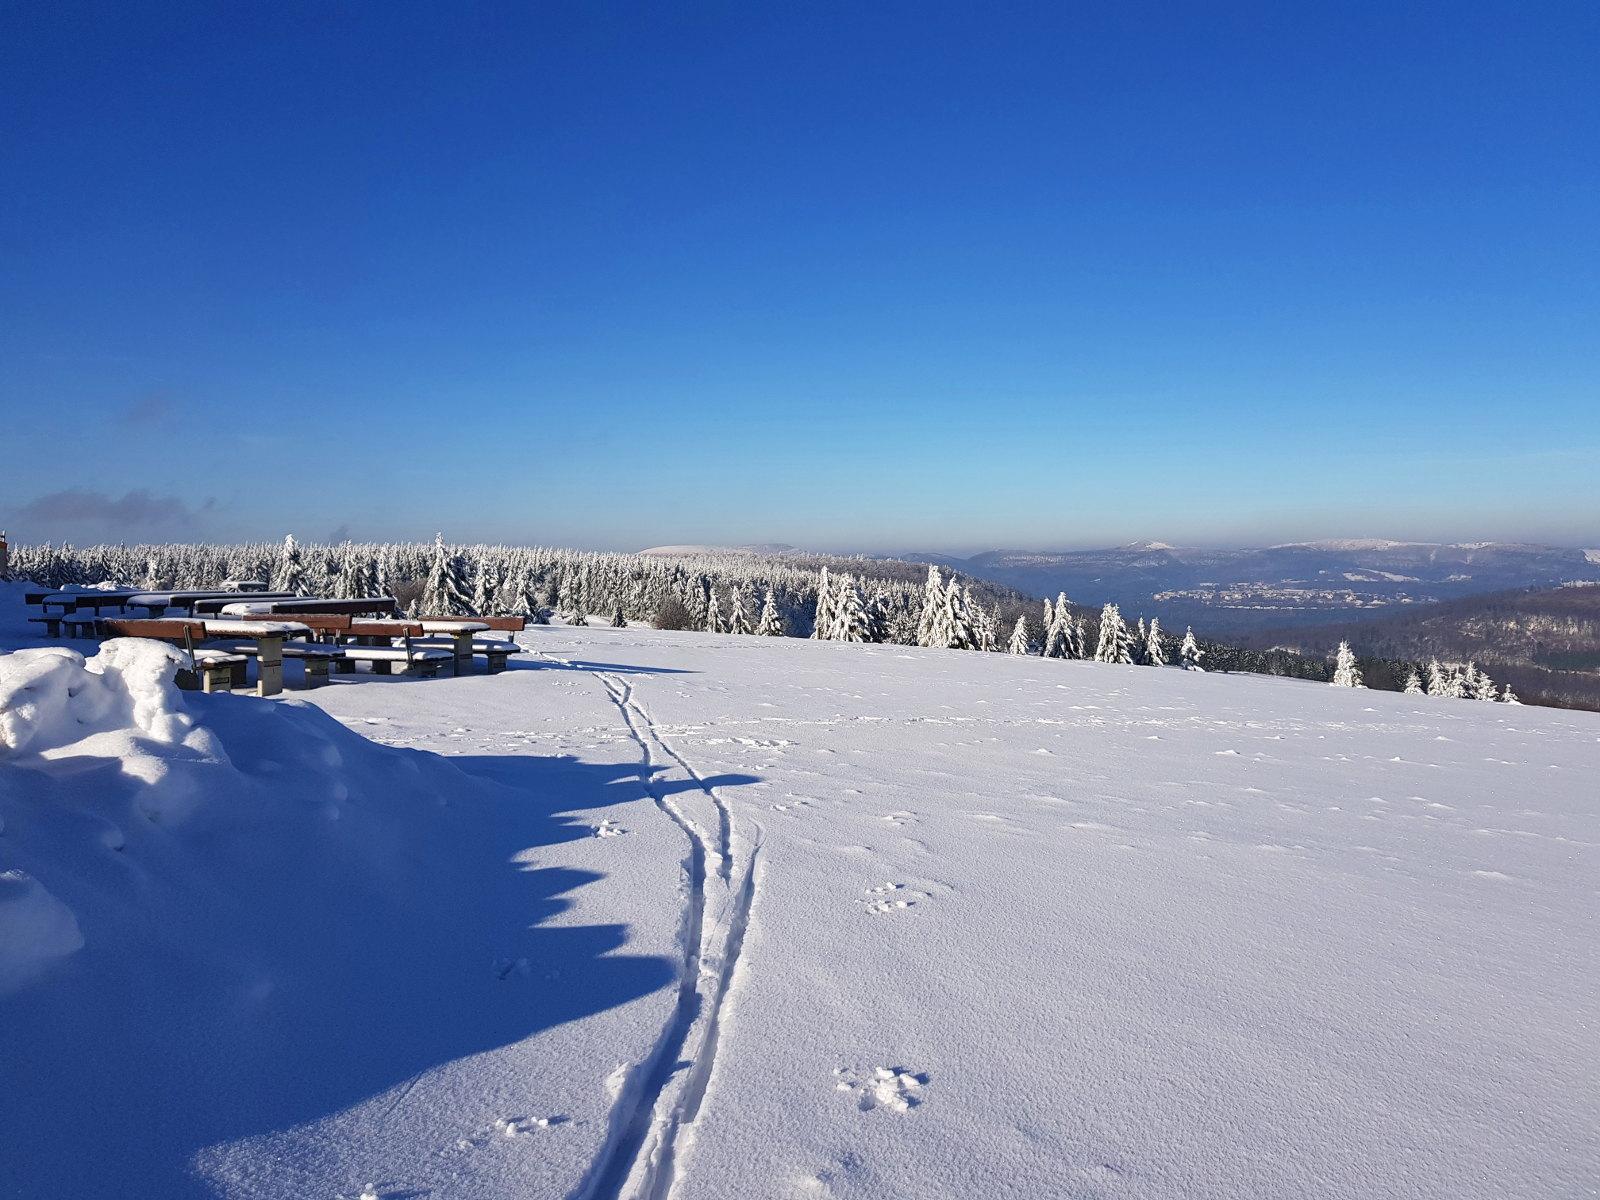 schöne Aussichten beim Wintersport in der Rhön